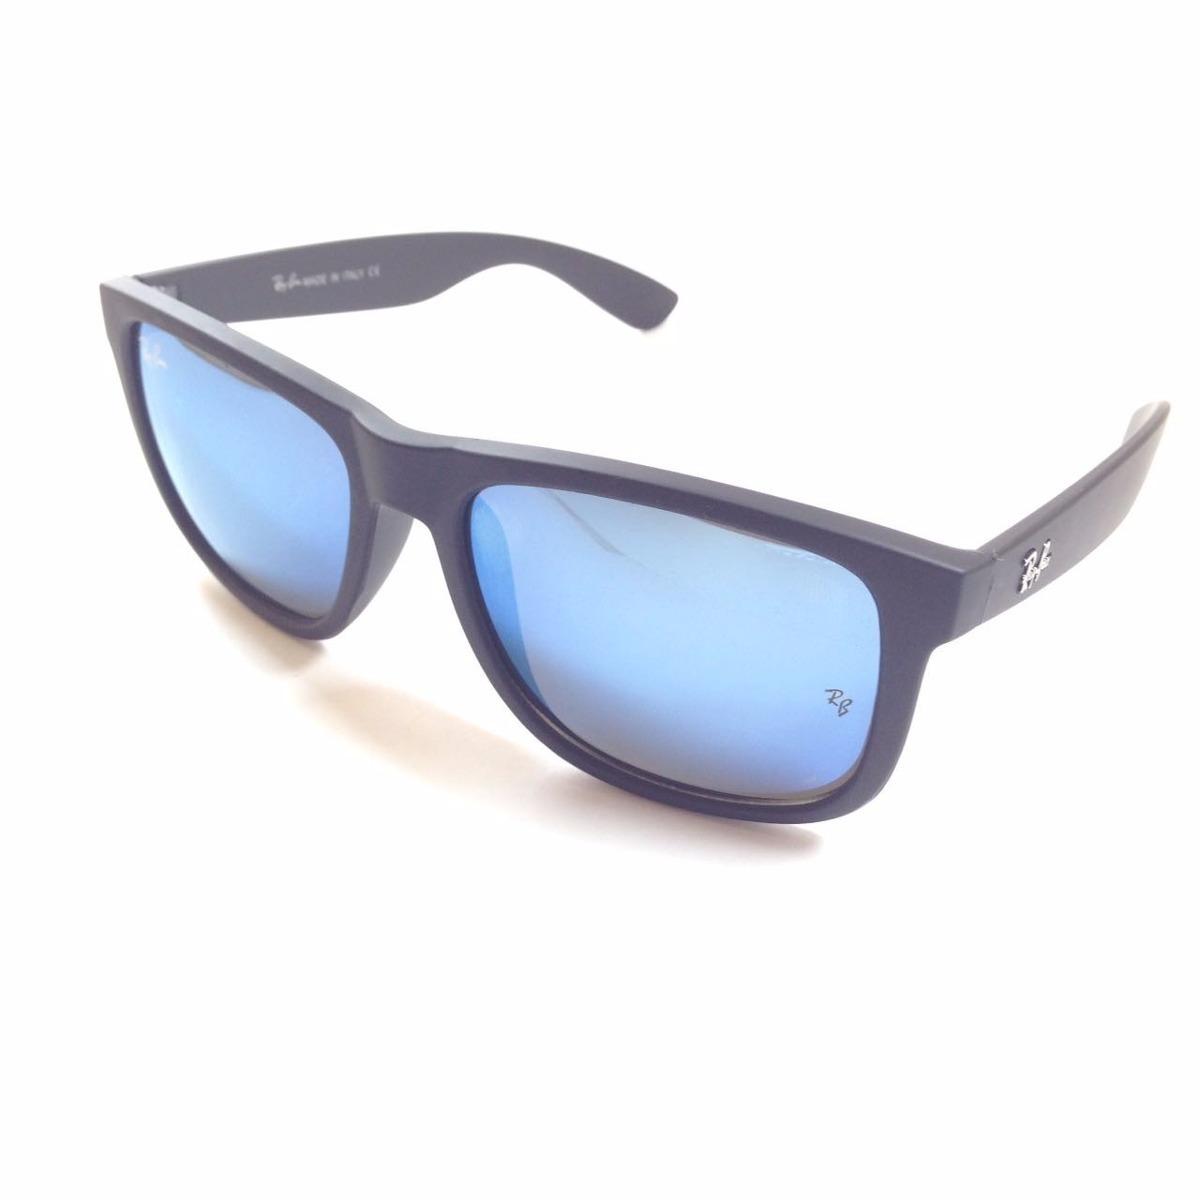 9193e4120 oculos sol rayban justin 4165 azul espelhado / frete gratis. Carregando zoom .